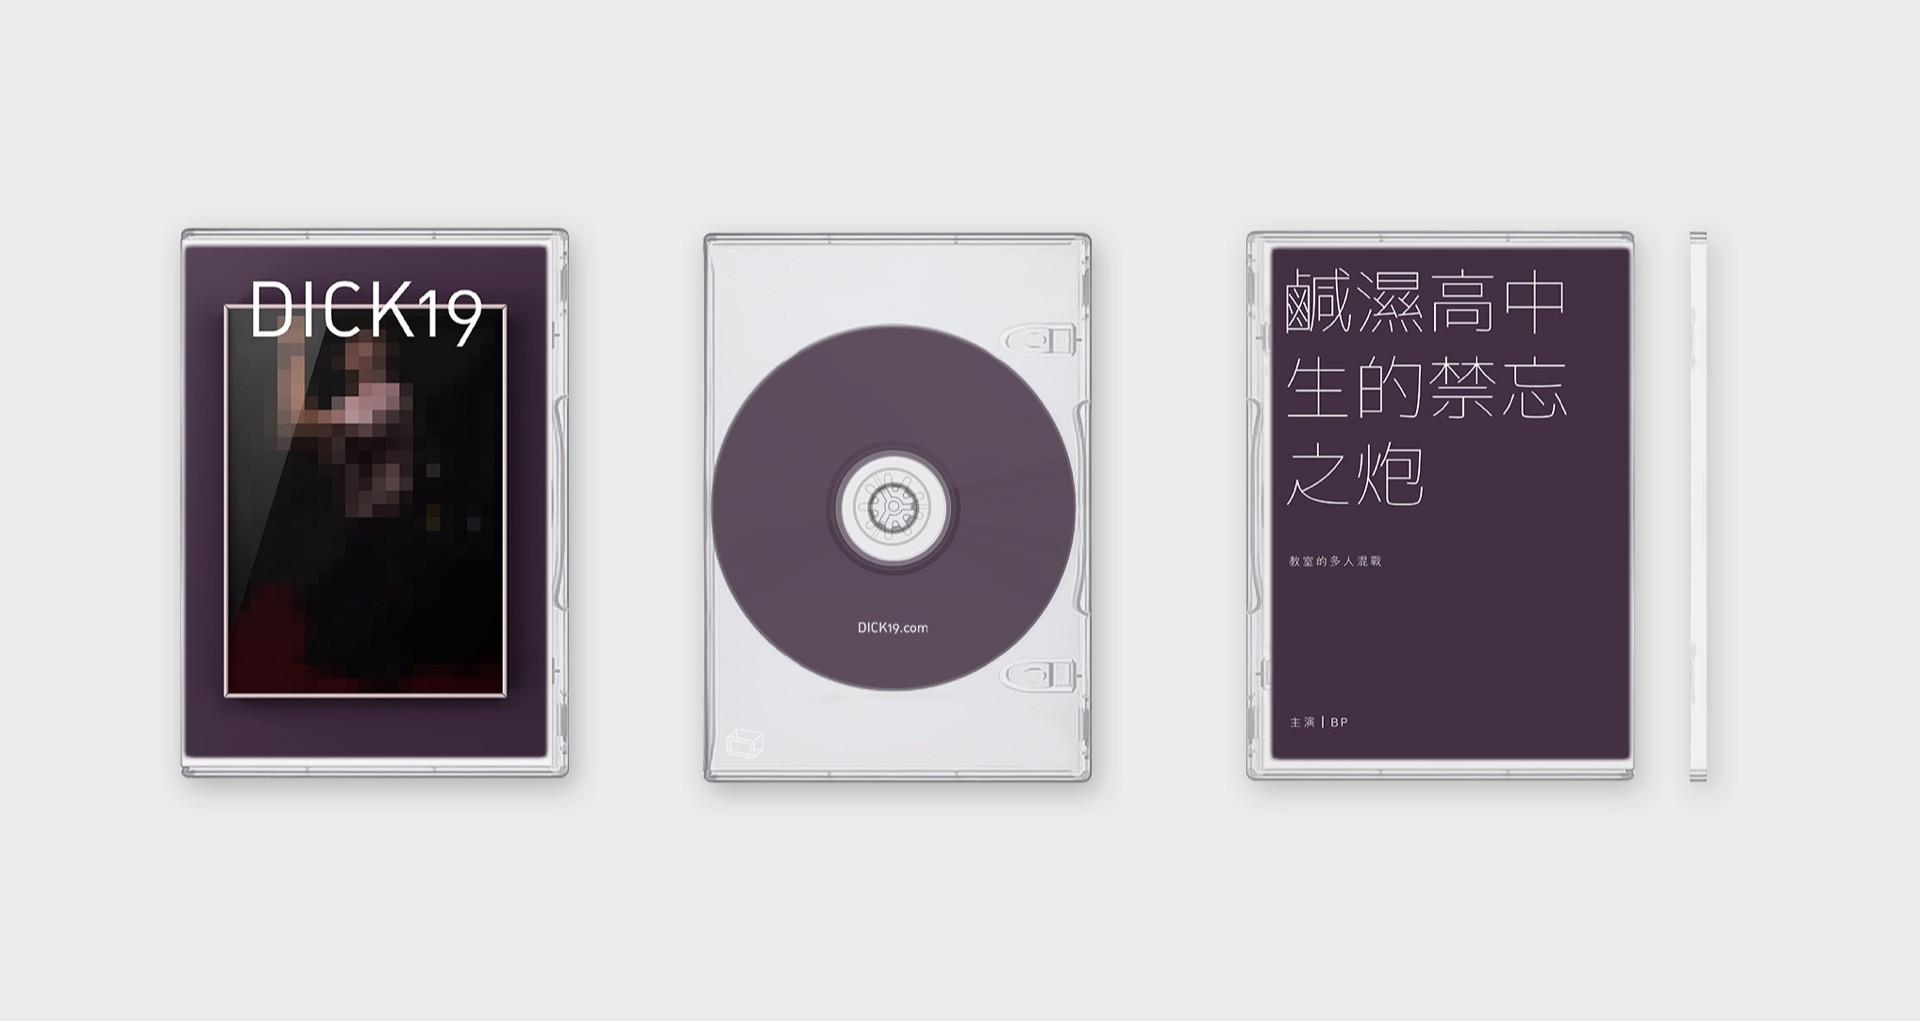 D1989-DVD-190902-1-1920.jpg